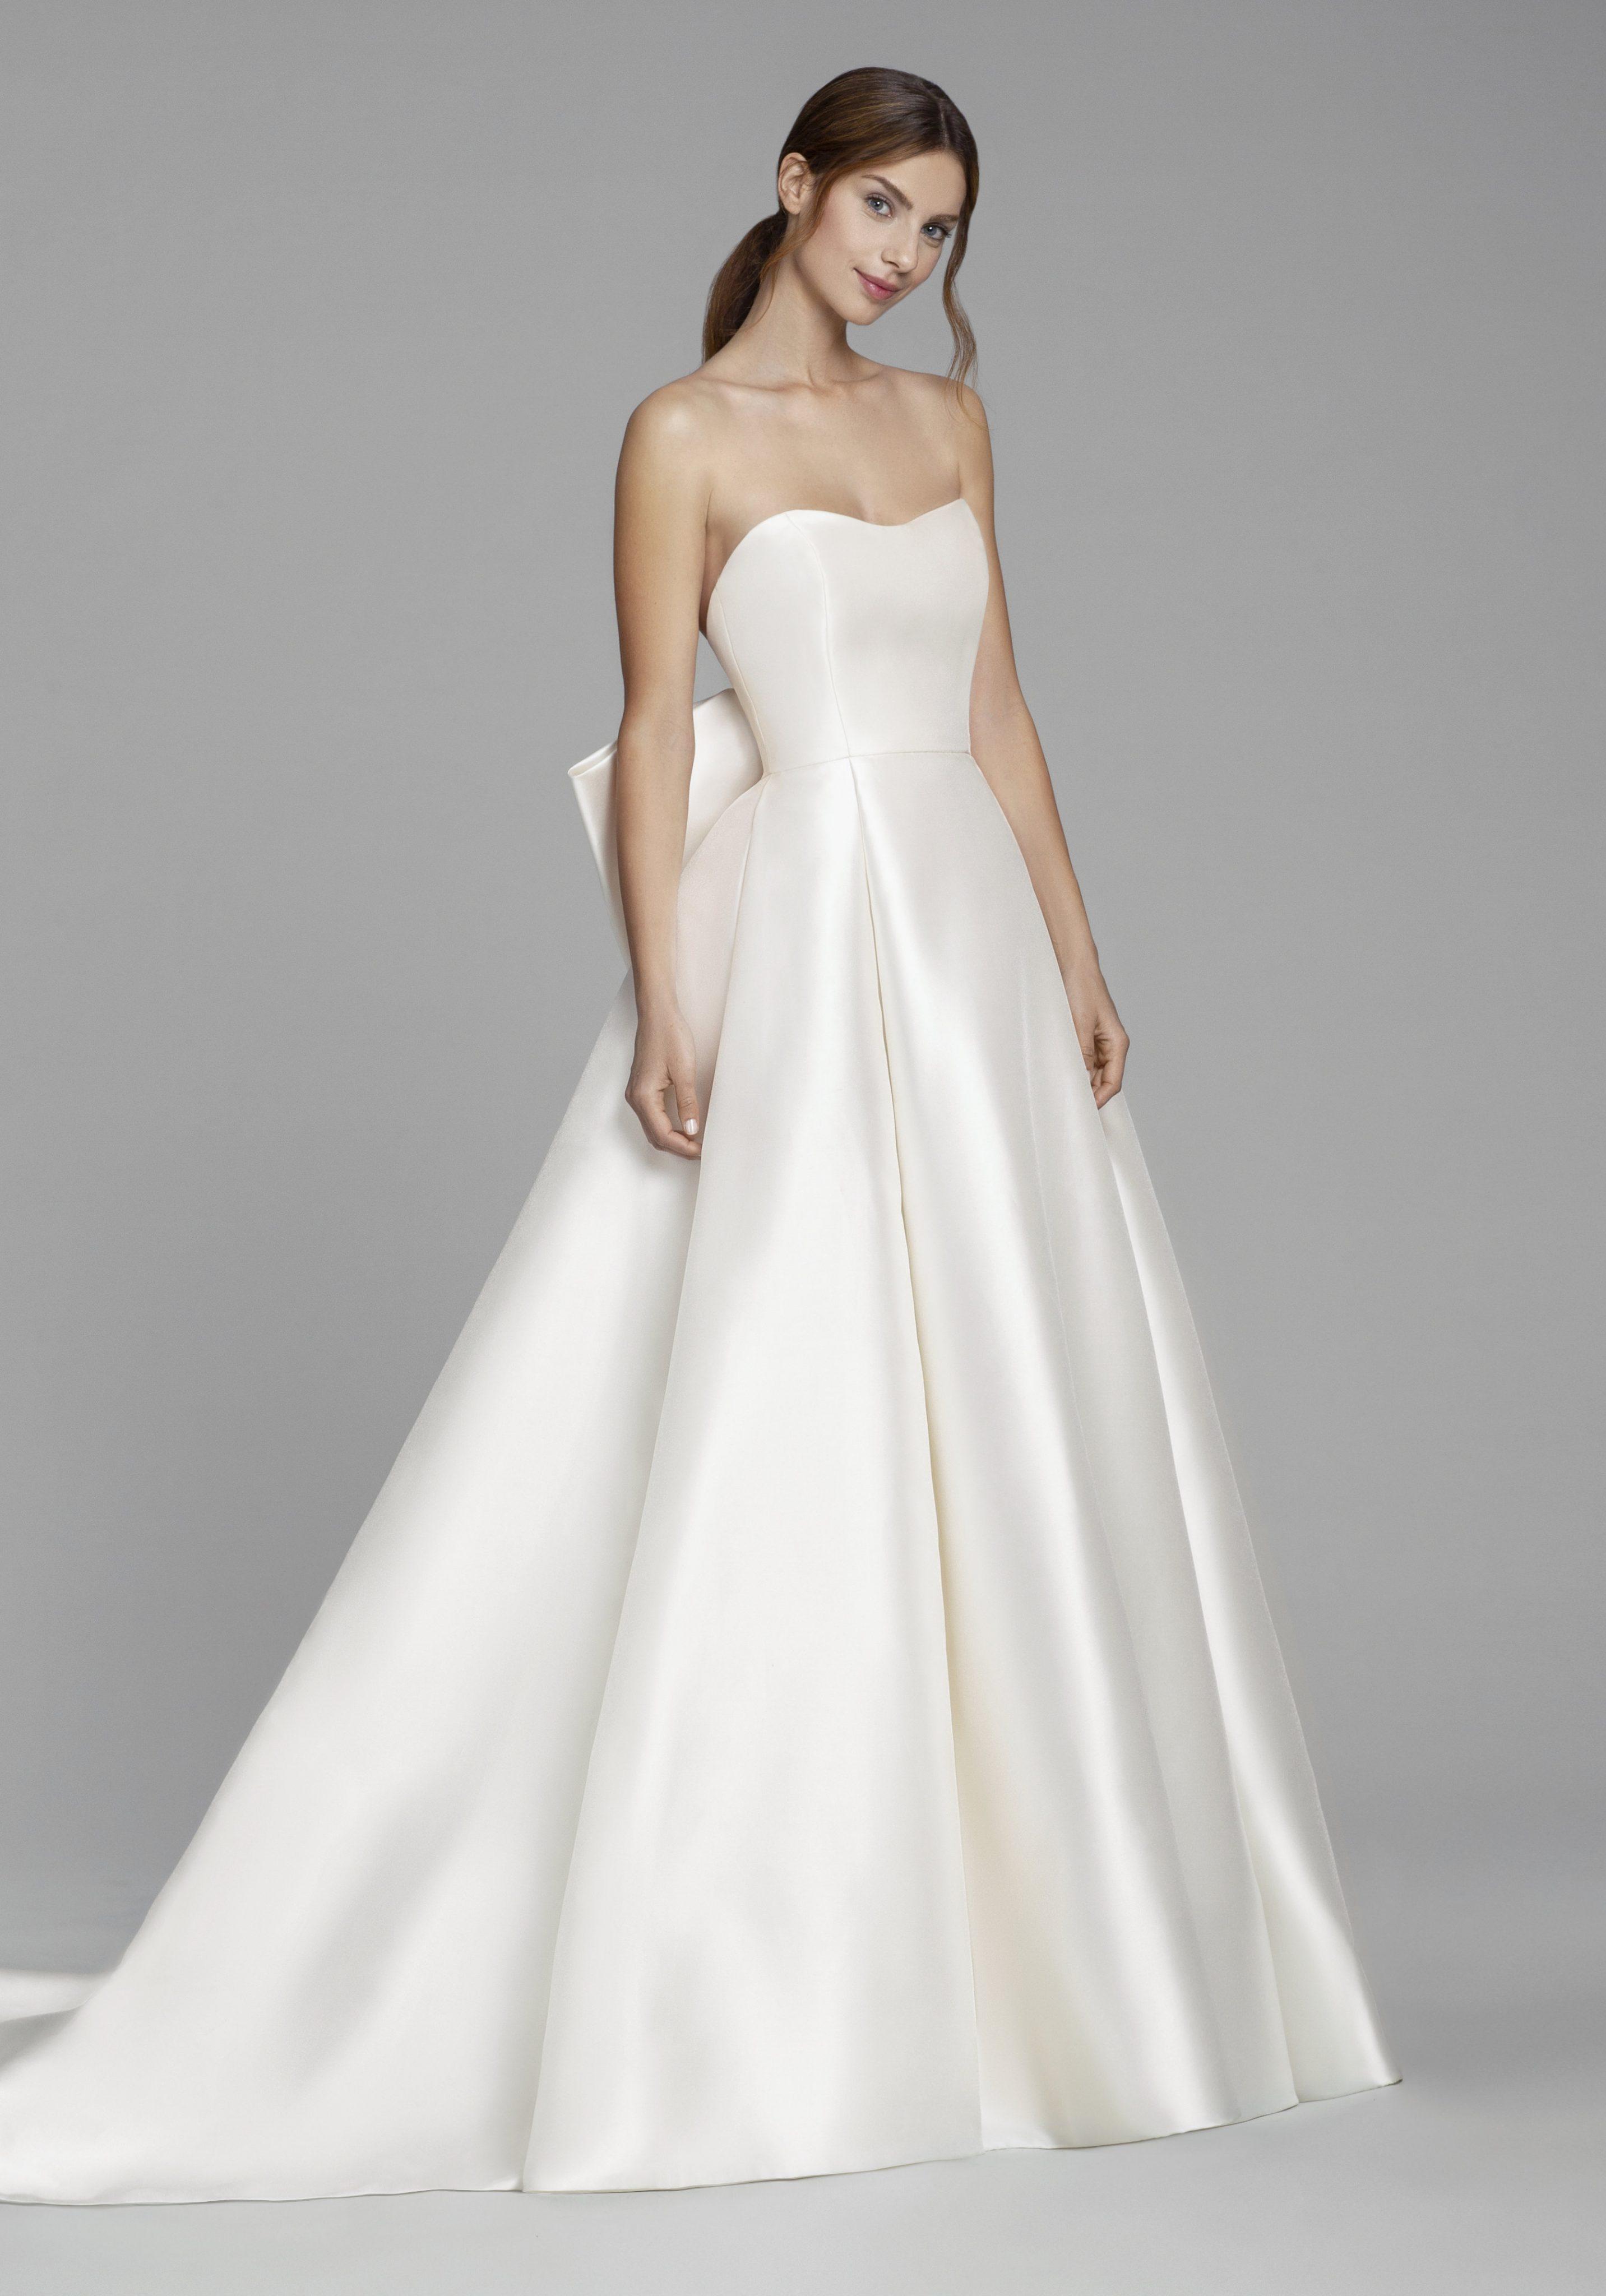 Sweetheart Strapless Silk Ball Gown Wedding Dress   Kleinfeld Bridal